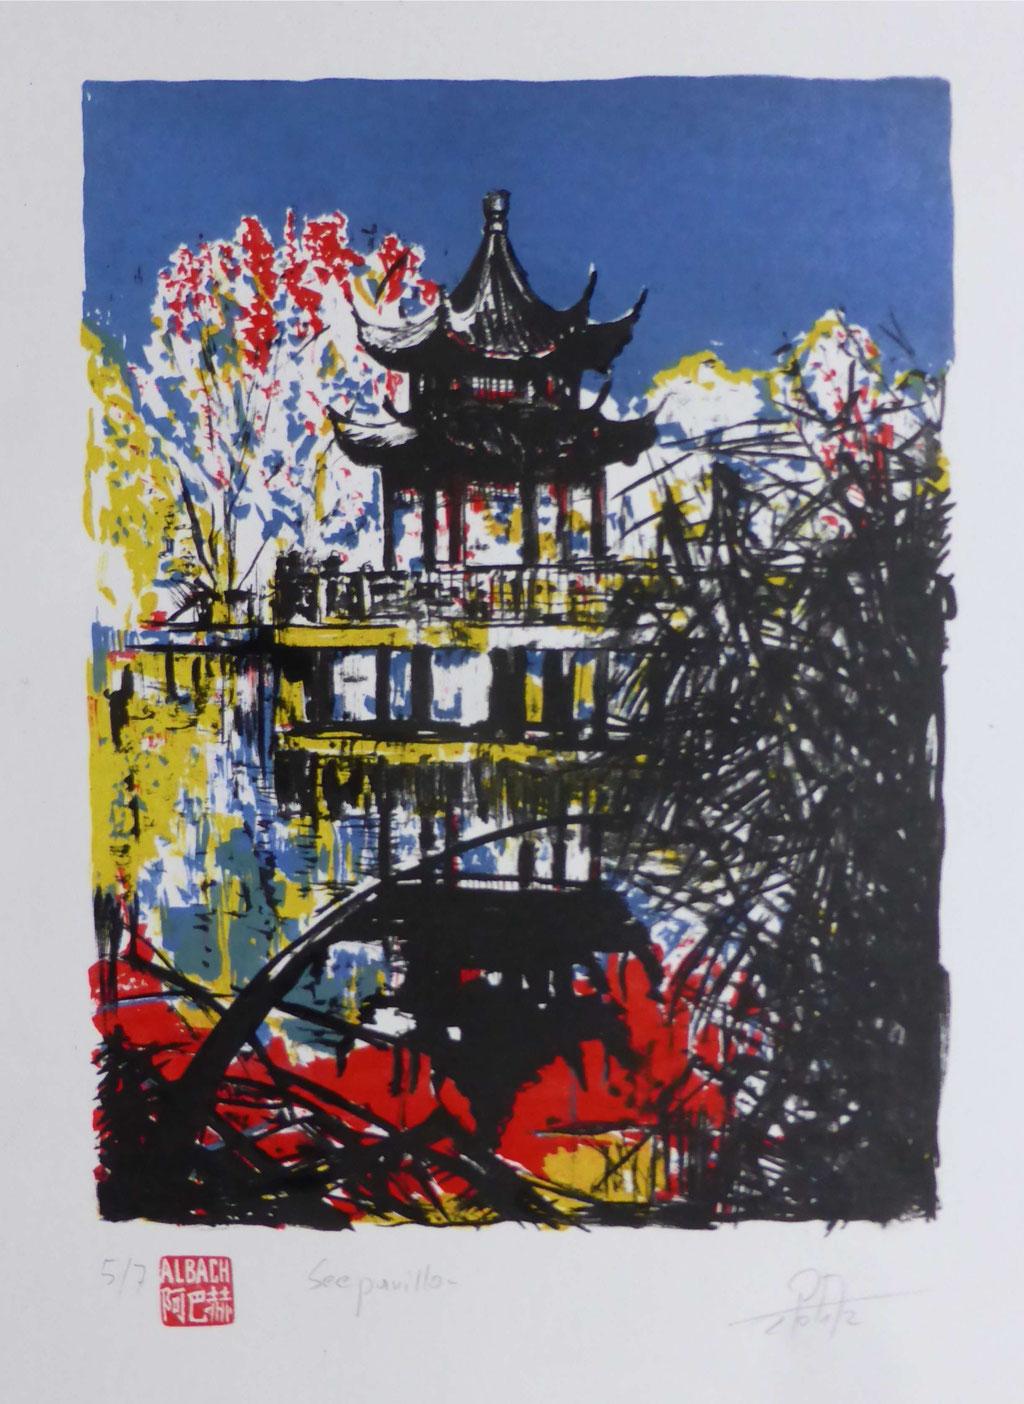 Chinesischer-Garten-Weißensee-Seepavillon-Mehrfarbalgrafie-2012